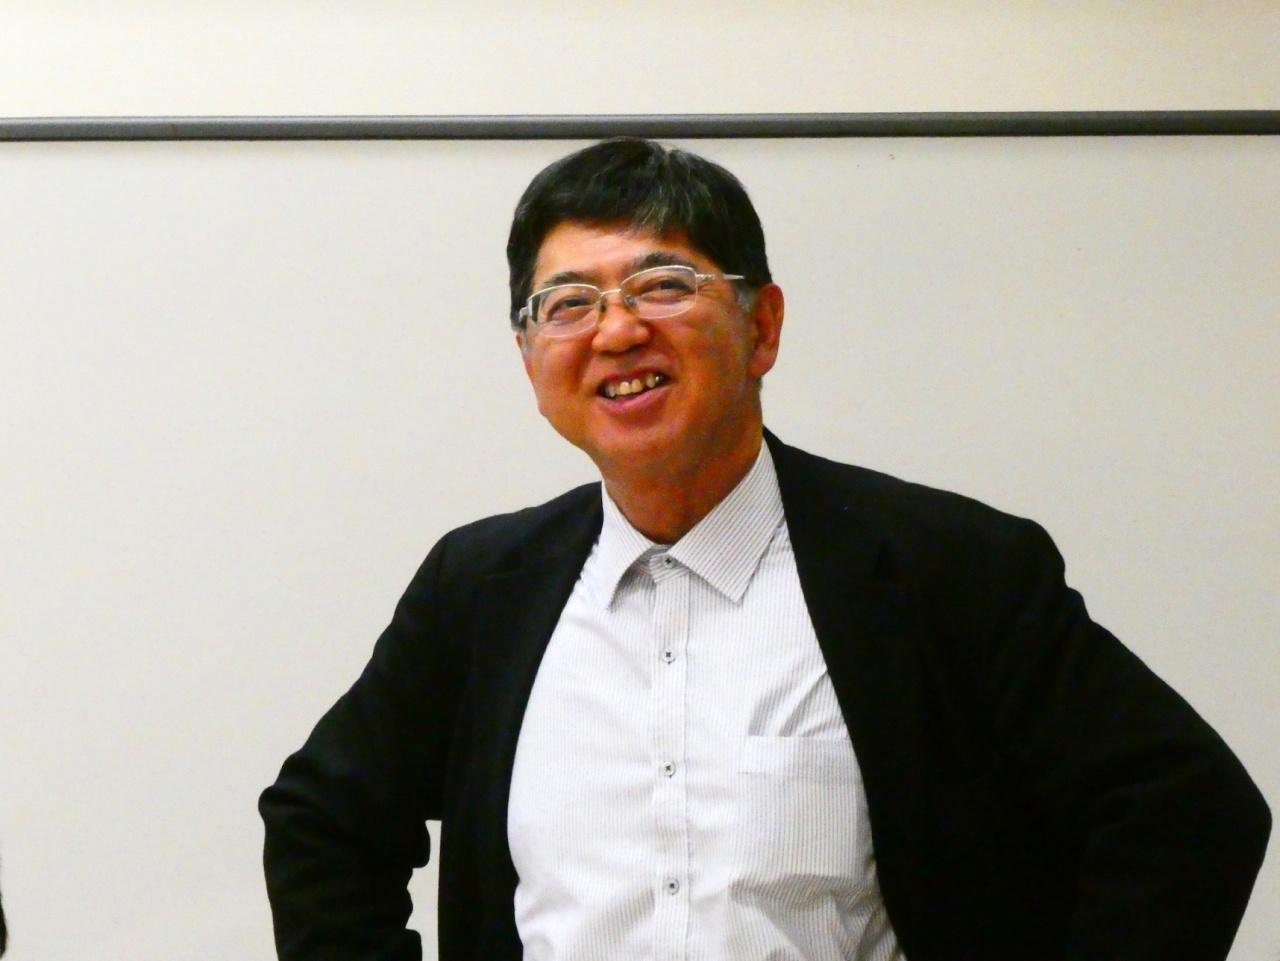 浜井浩一教授(本学法学部、矯正・保護総合センター長、犯罪学研究センター国際部門長)